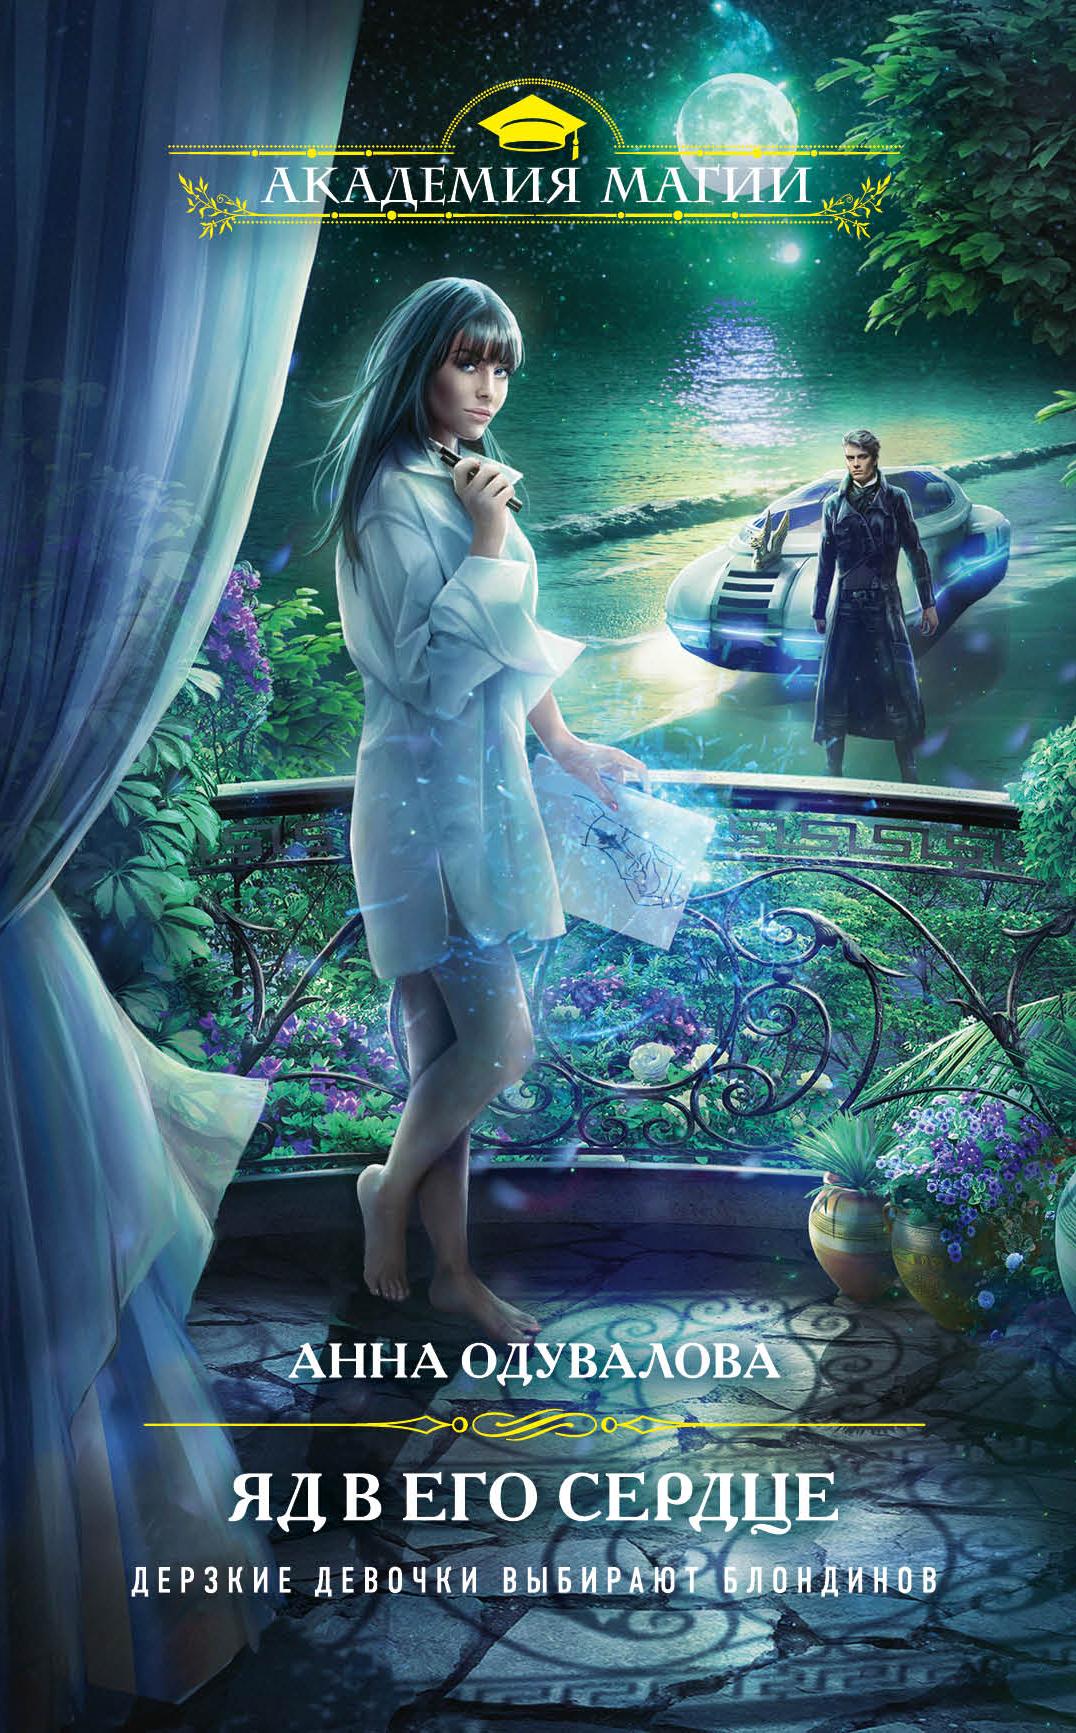 Анна Одувалова - Яд в его сердце